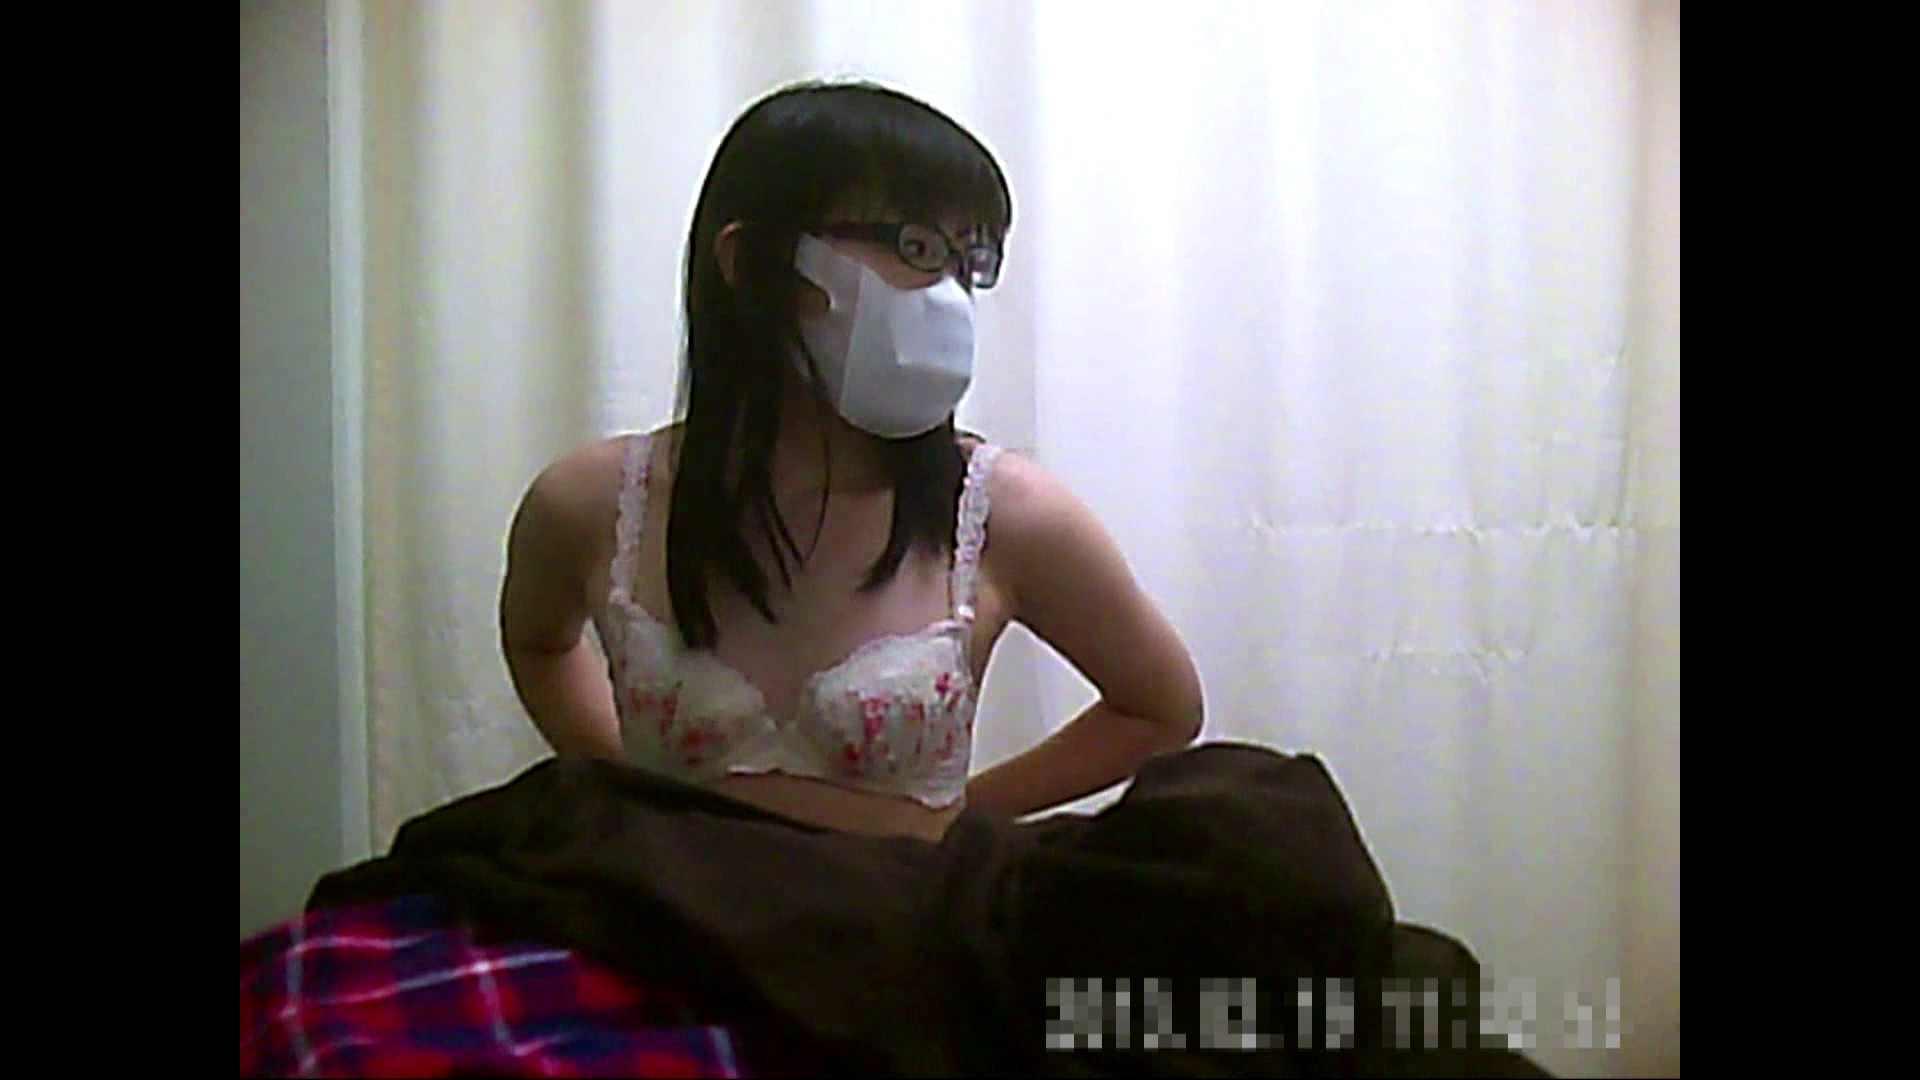 病院おもいっきり着替え! vol.155 おっぱい すけべAV動画紹介 100画像 27